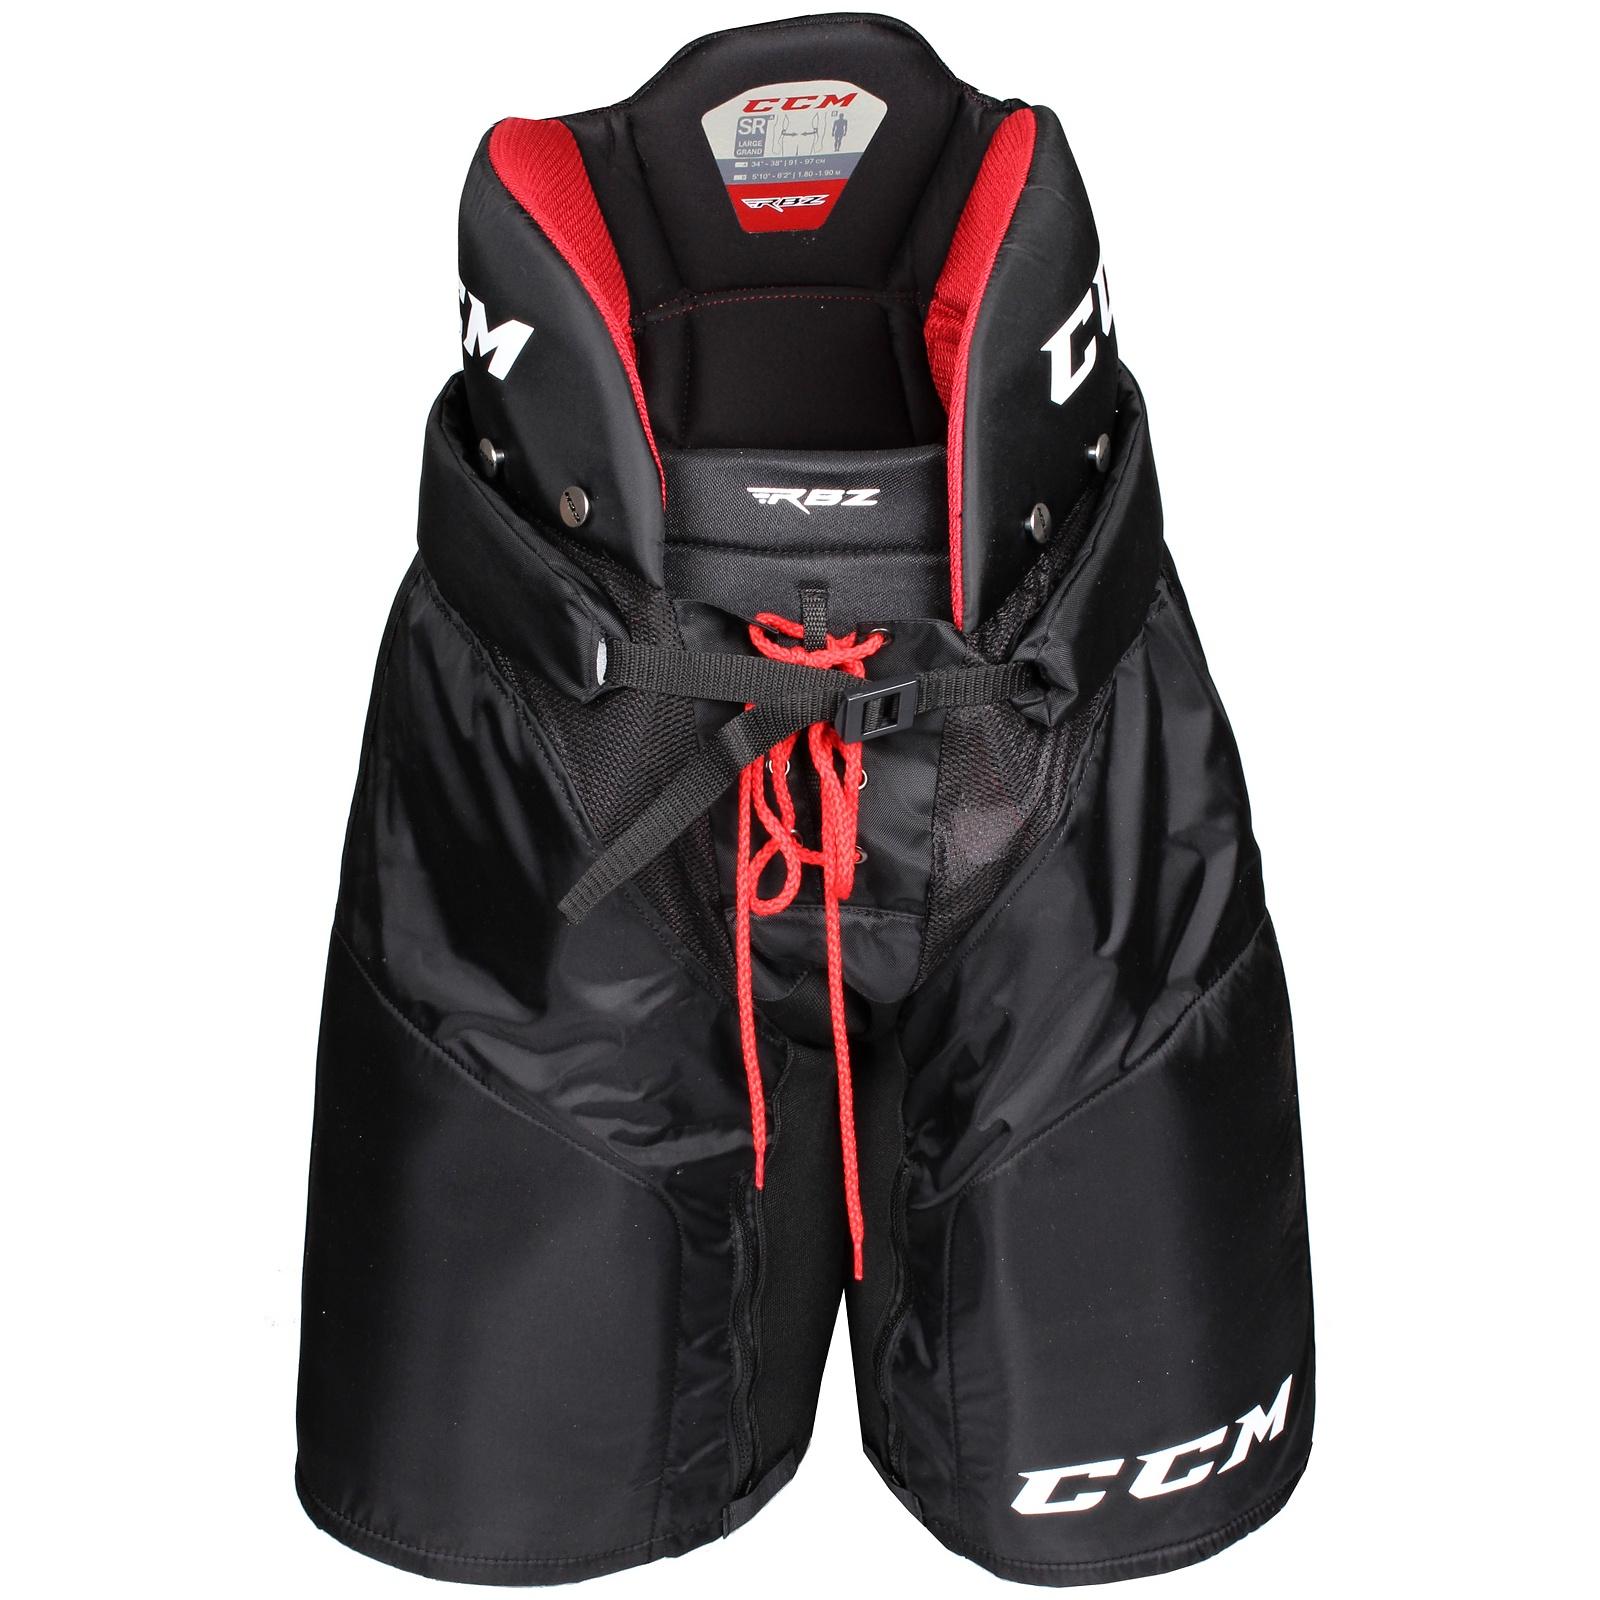 Kalhoty hráčské CCM RBZ 110 senior černé - vel. XL